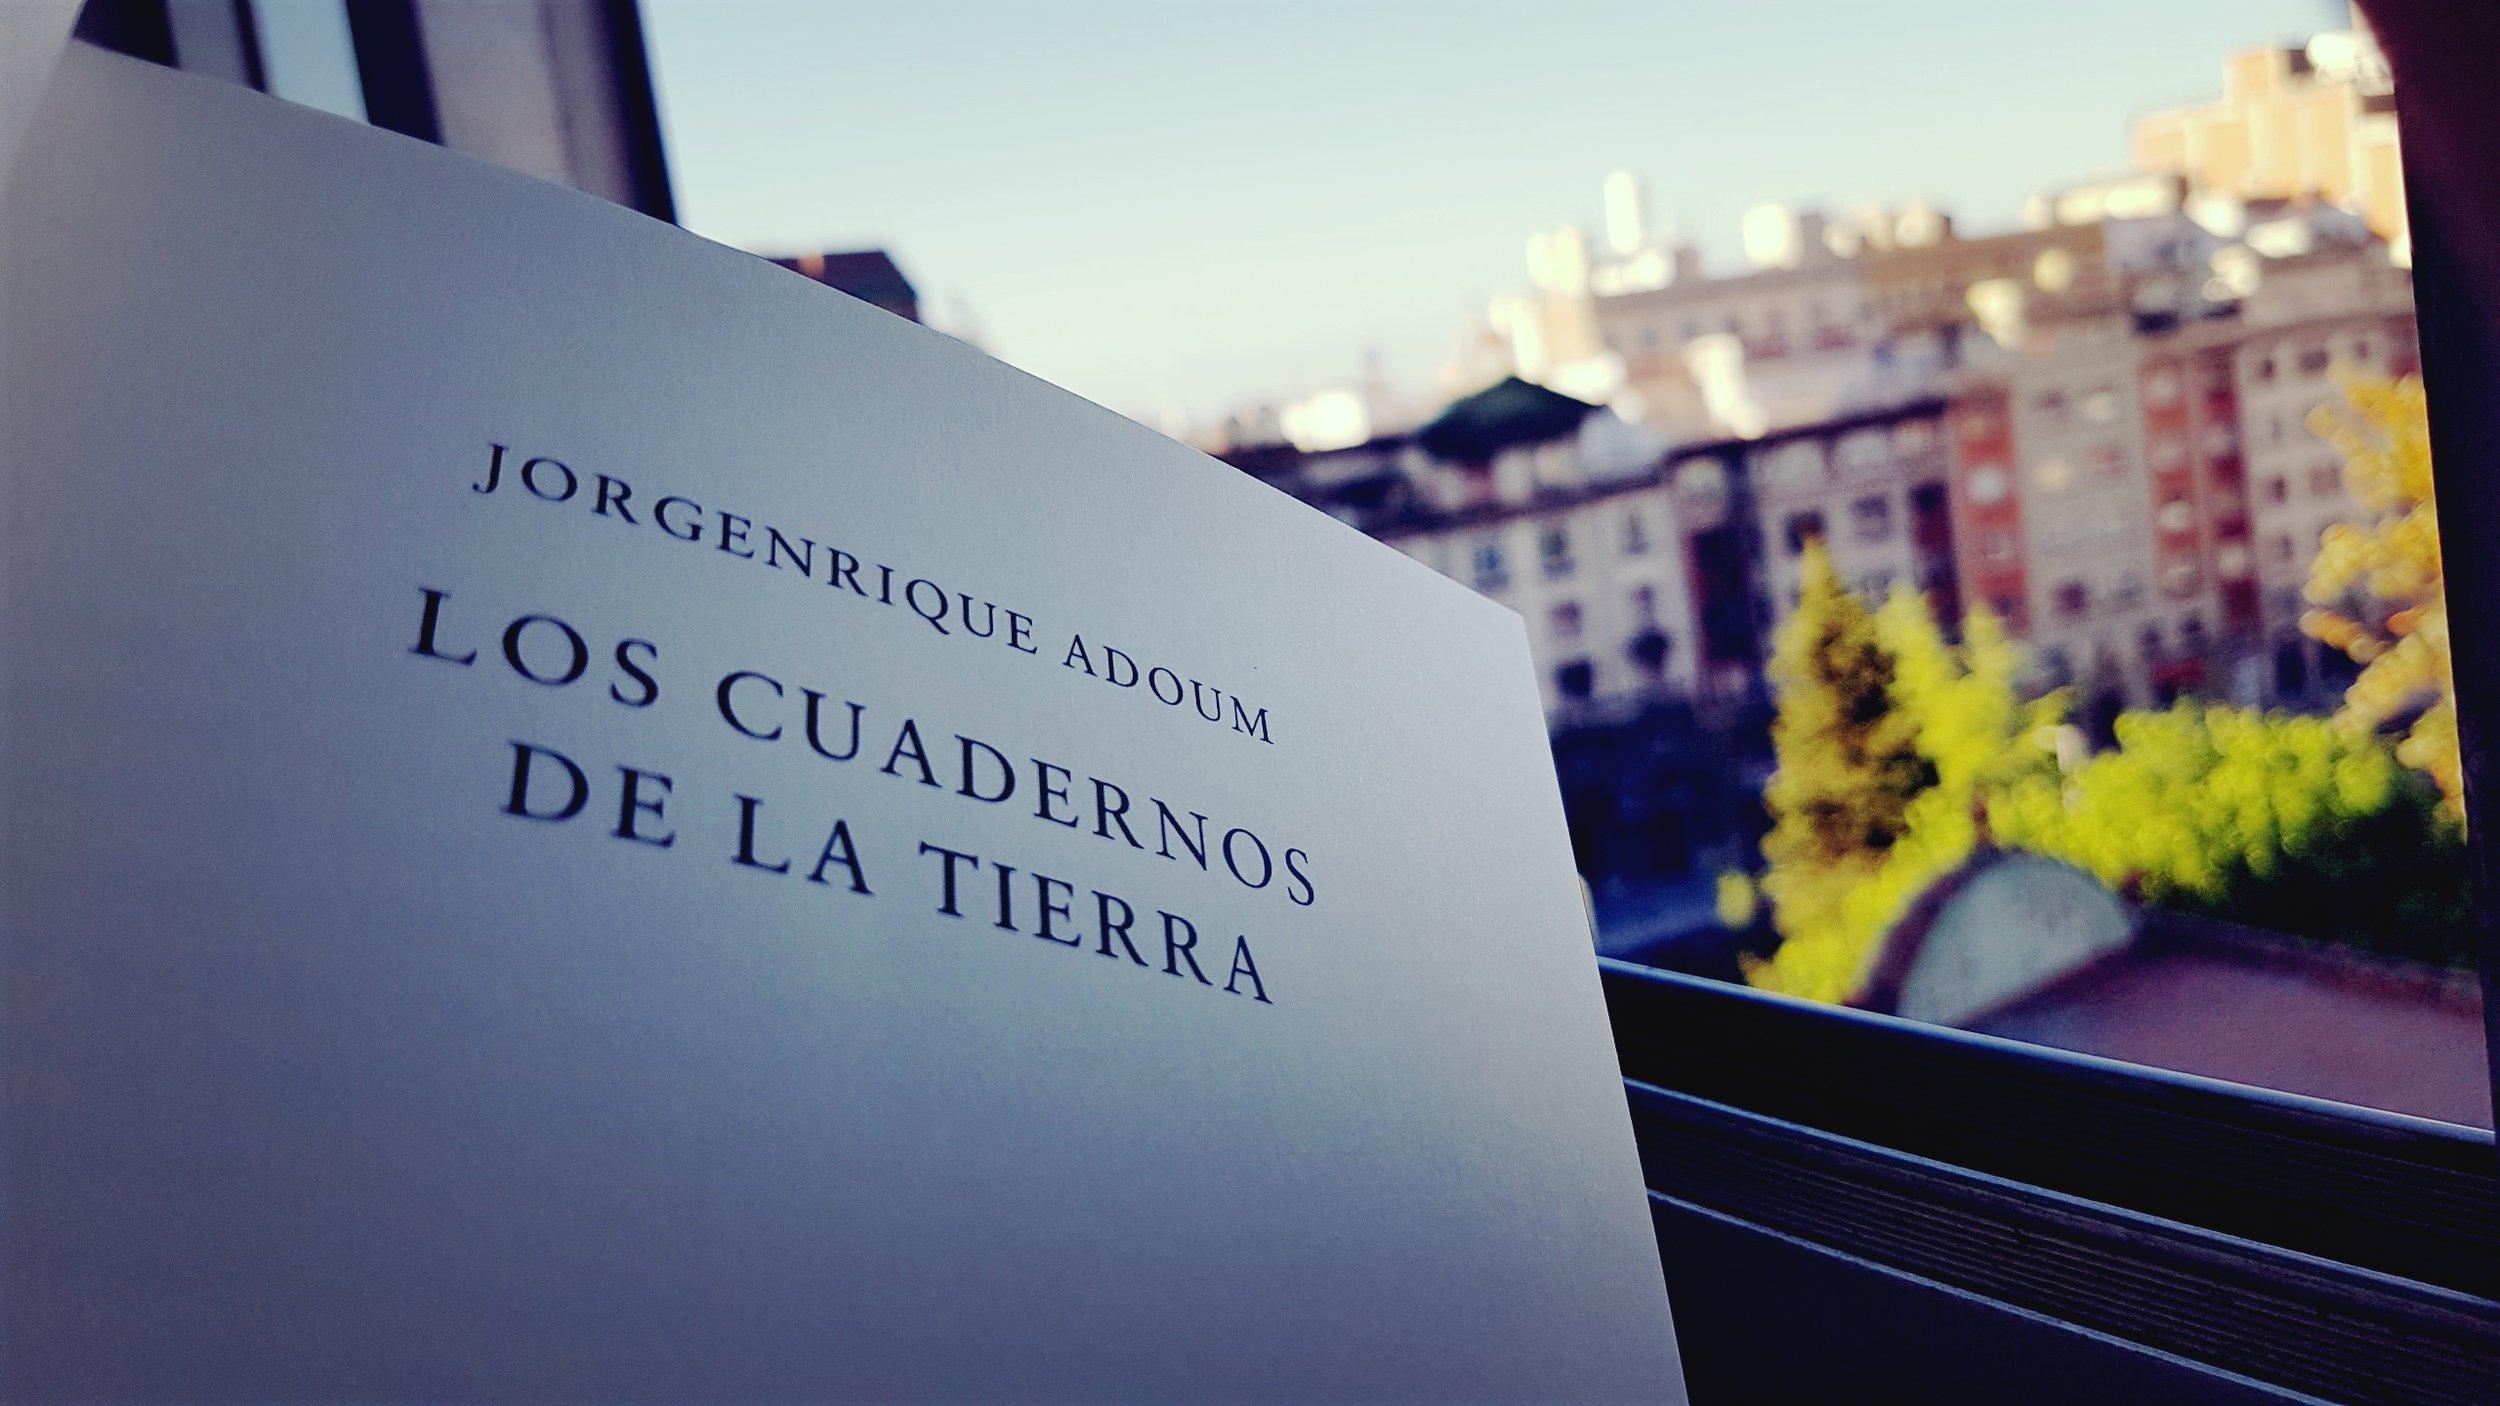 Los cuadernos de la tierra Jorgenrique Adoum